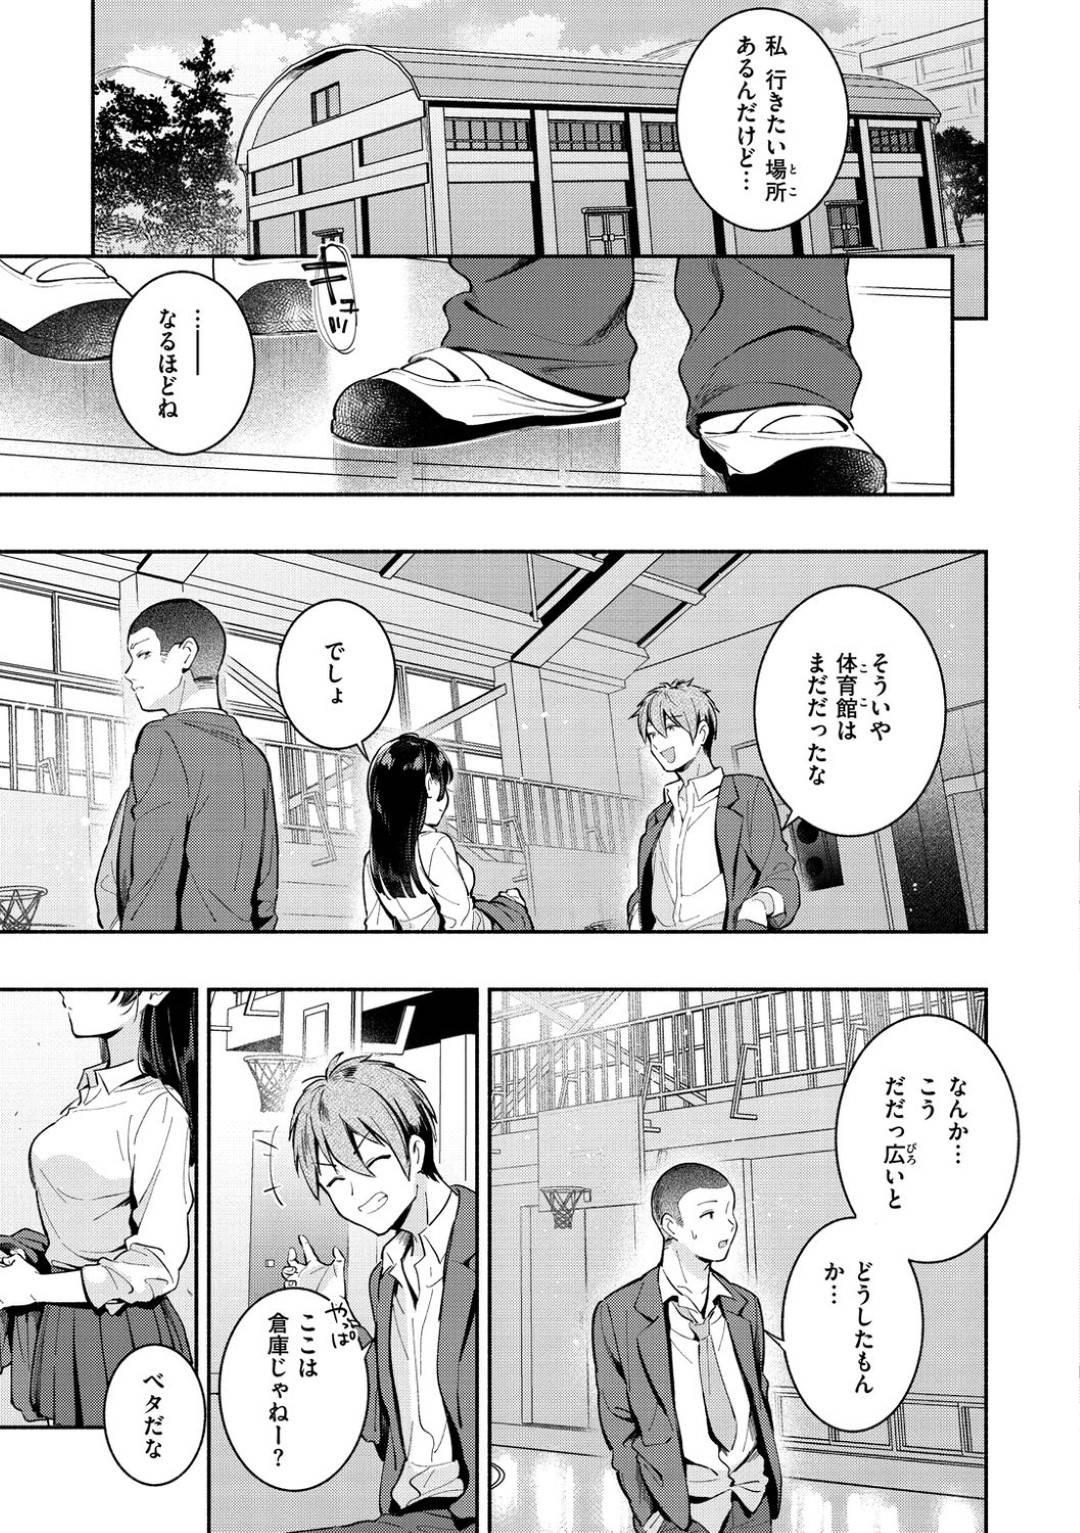 【エロ漫画】いつも三人一緒に仲良くやっていたが卒業式を迎えて寂しいJK…最後に学校の色々な場所で連続3P中出しセックス【Wantan Meo:卒業式】